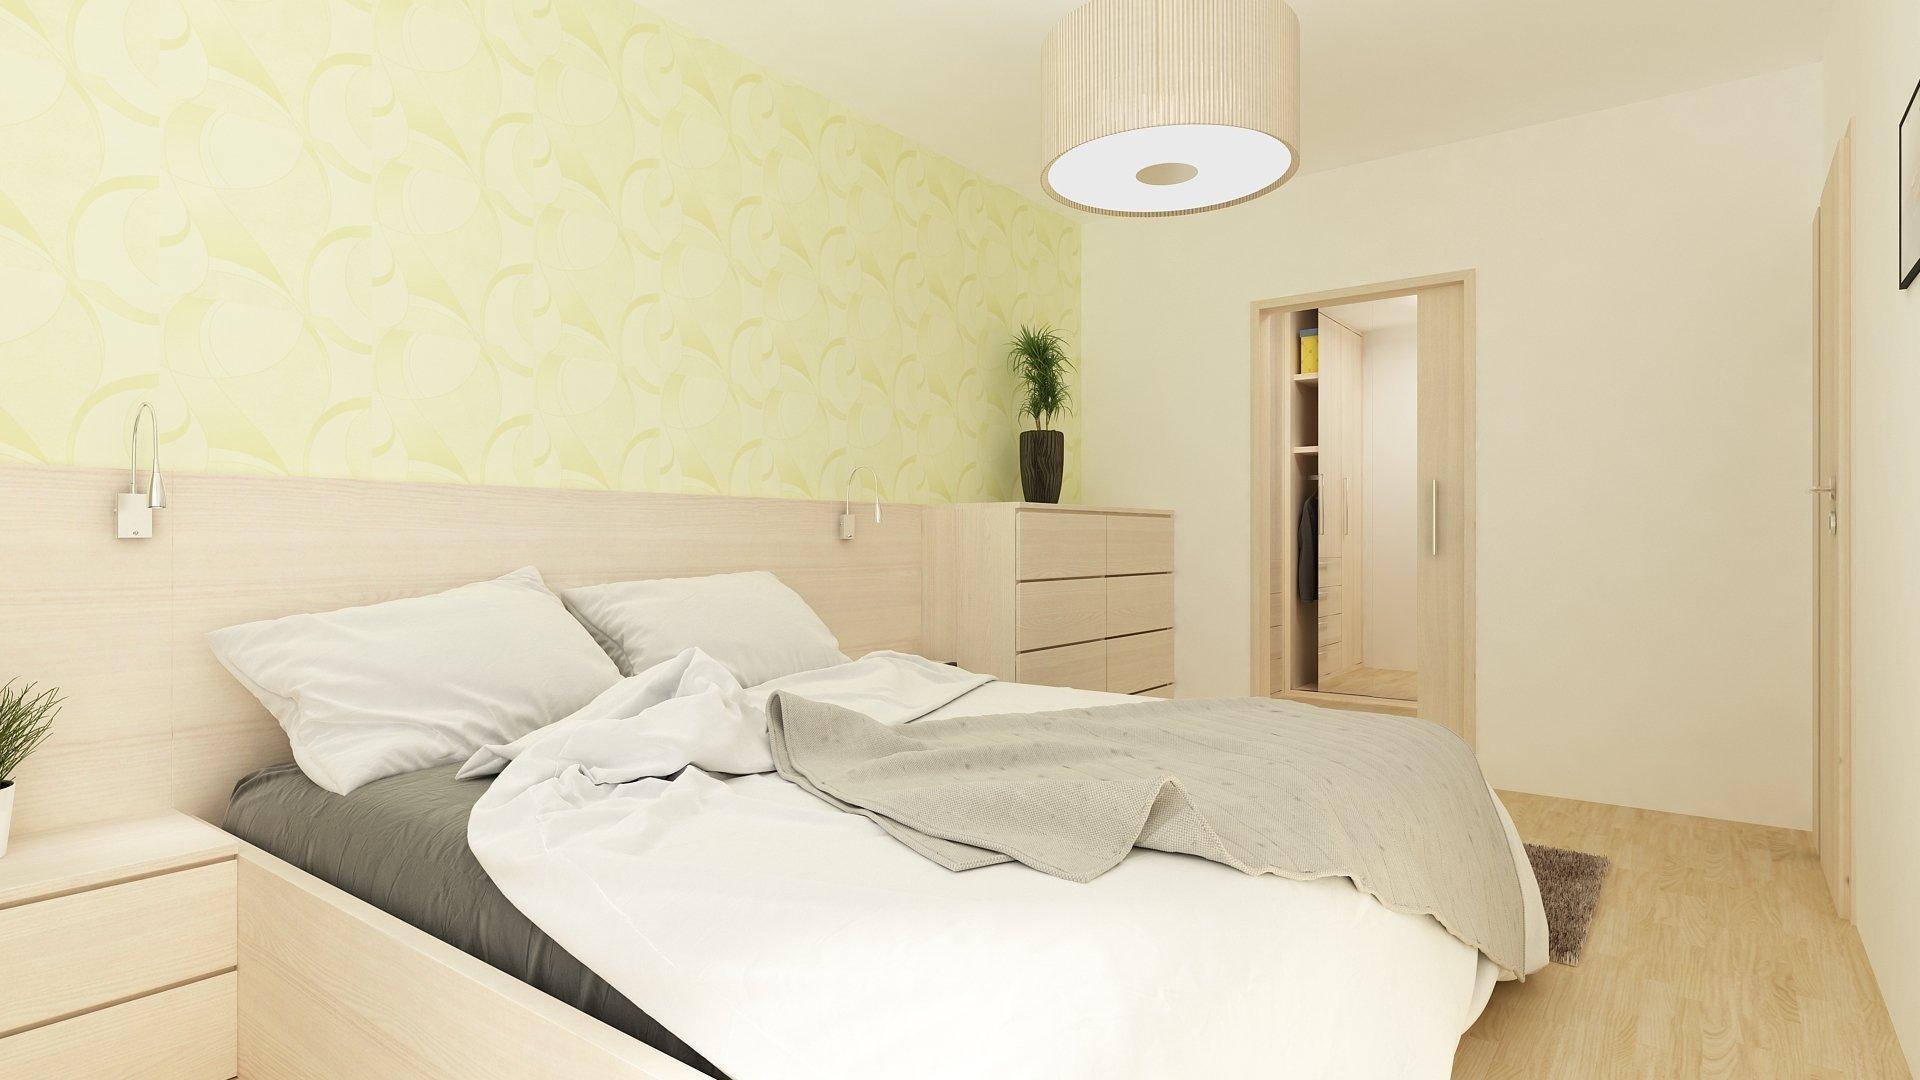 Jednoduchá moderní ložnice s šatnou. Postel s vysokým čele,  a komoda.